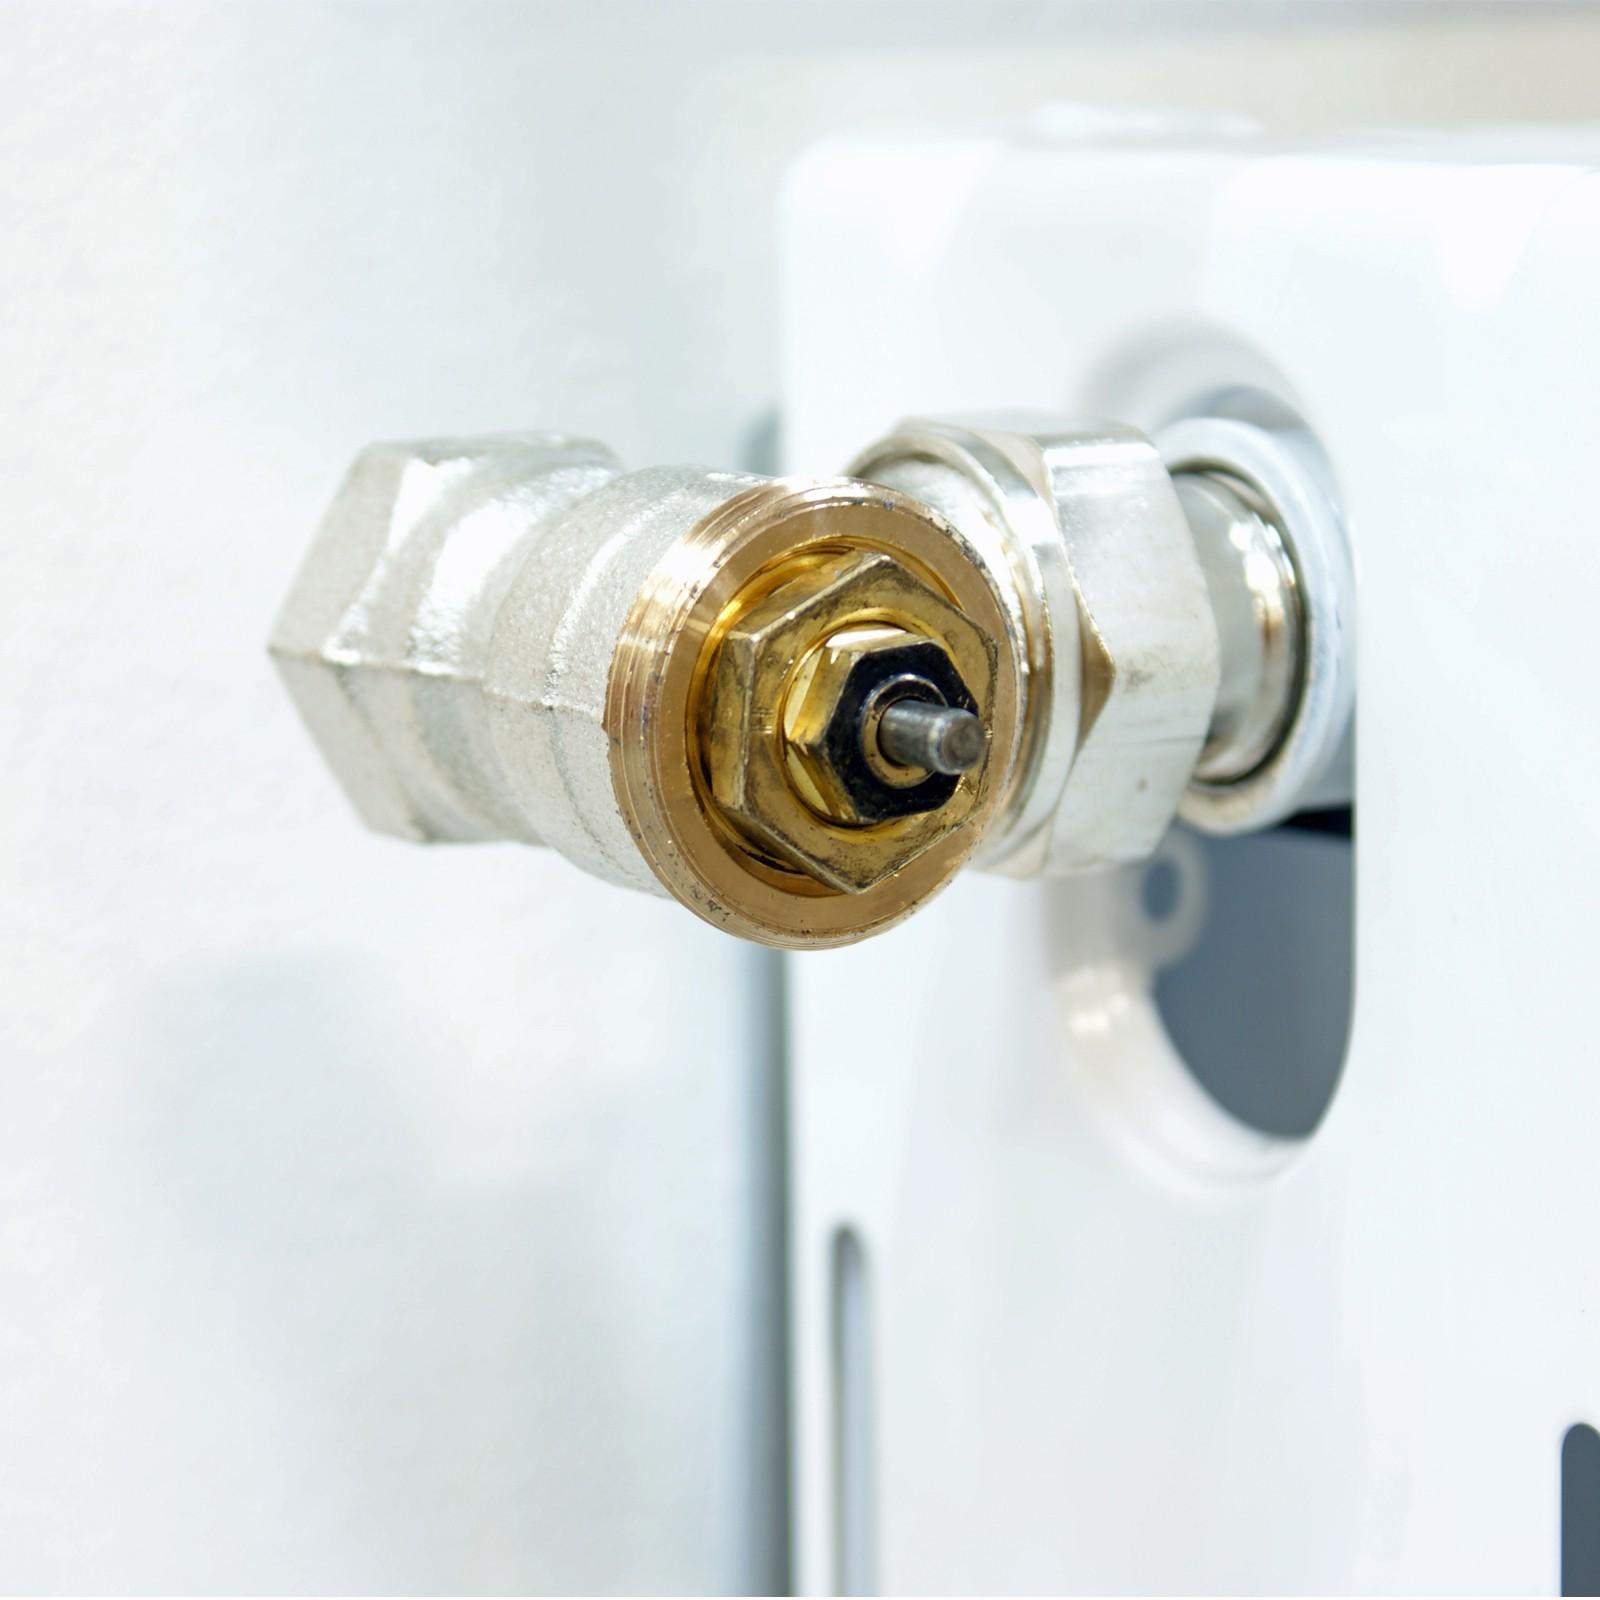 ventilunterteil 1 2 zoll eck heizk rperventil thermostatventil. Black Bedroom Furniture Sets. Home Design Ideas